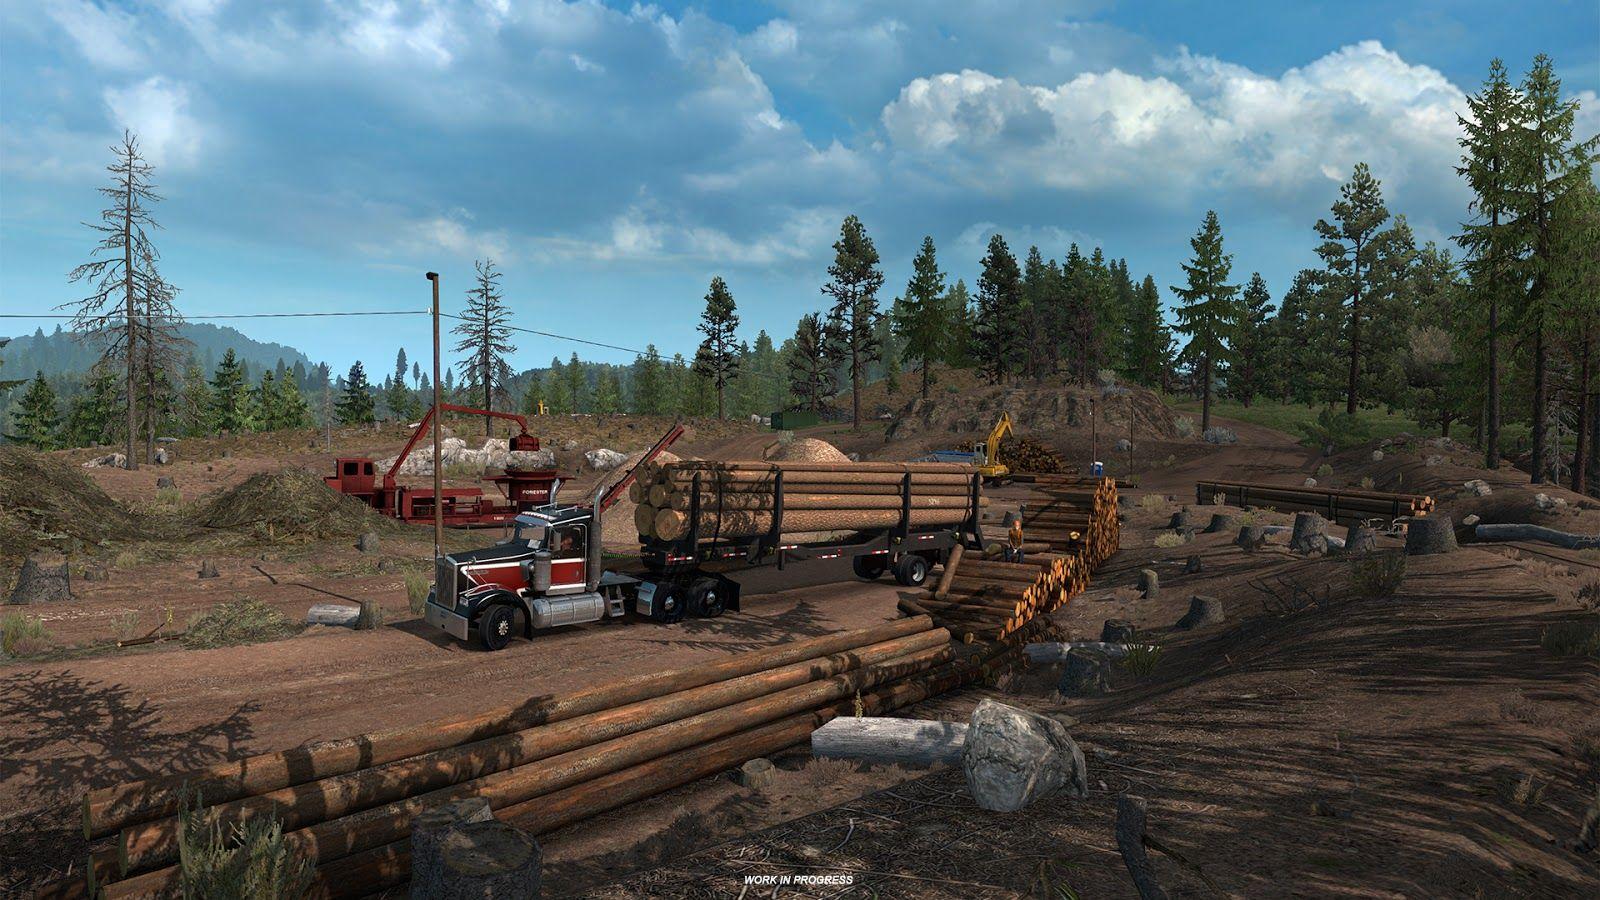 American Truck Simulator: деревообрабатывающая промышленность штата Орегон